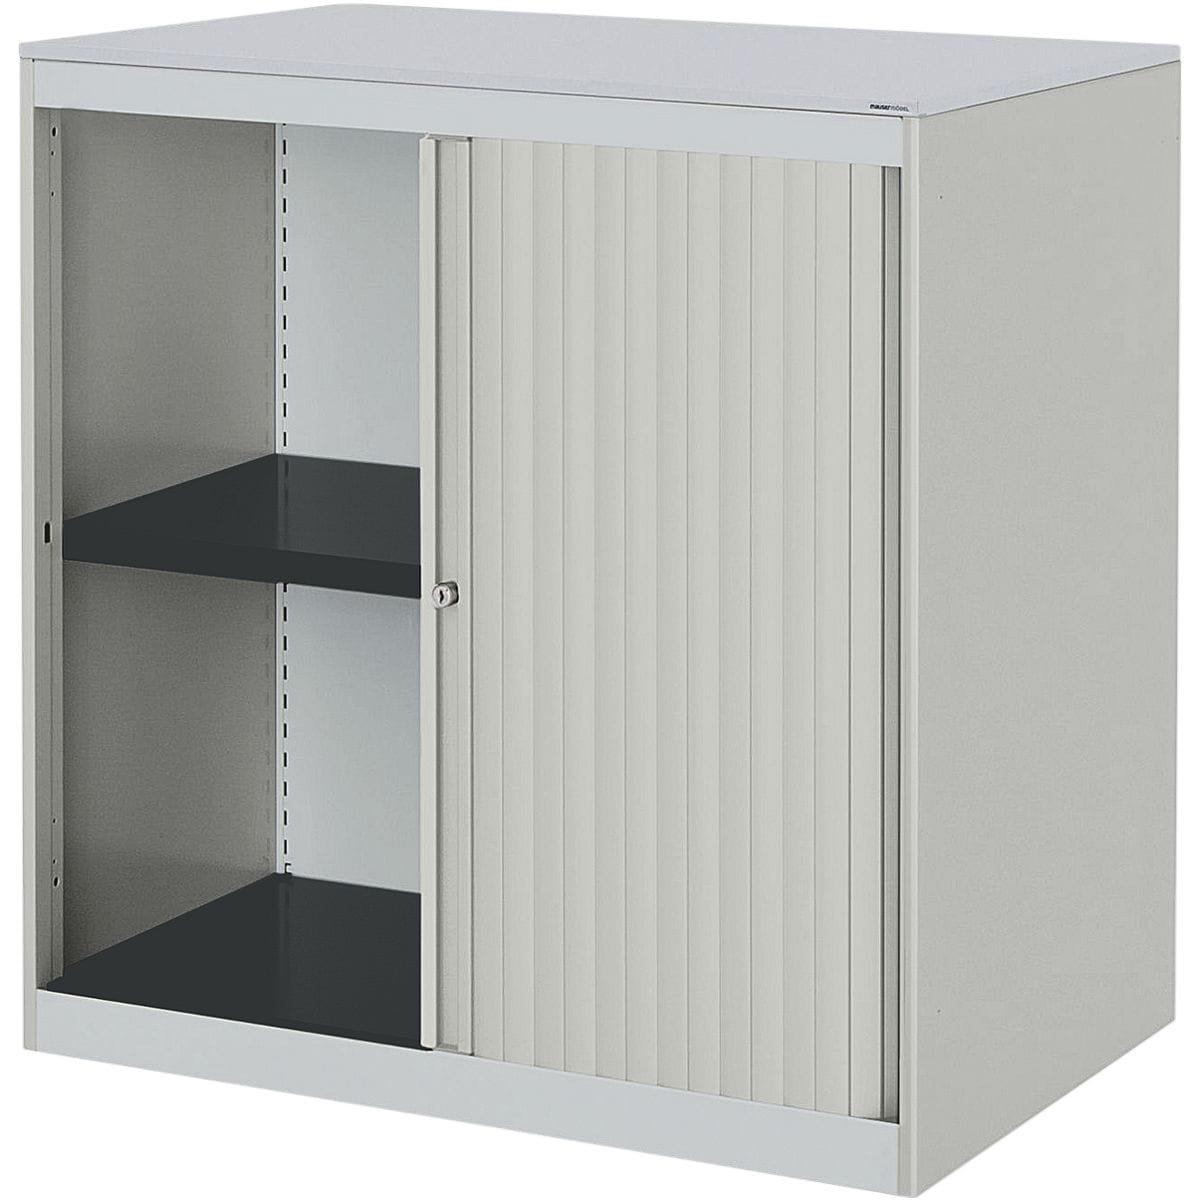 mauser stahlschrank kontoro 85 x 87 cm bei otto office g nstig kaufen. Black Bedroom Furniture Sets. Home Design Ideas